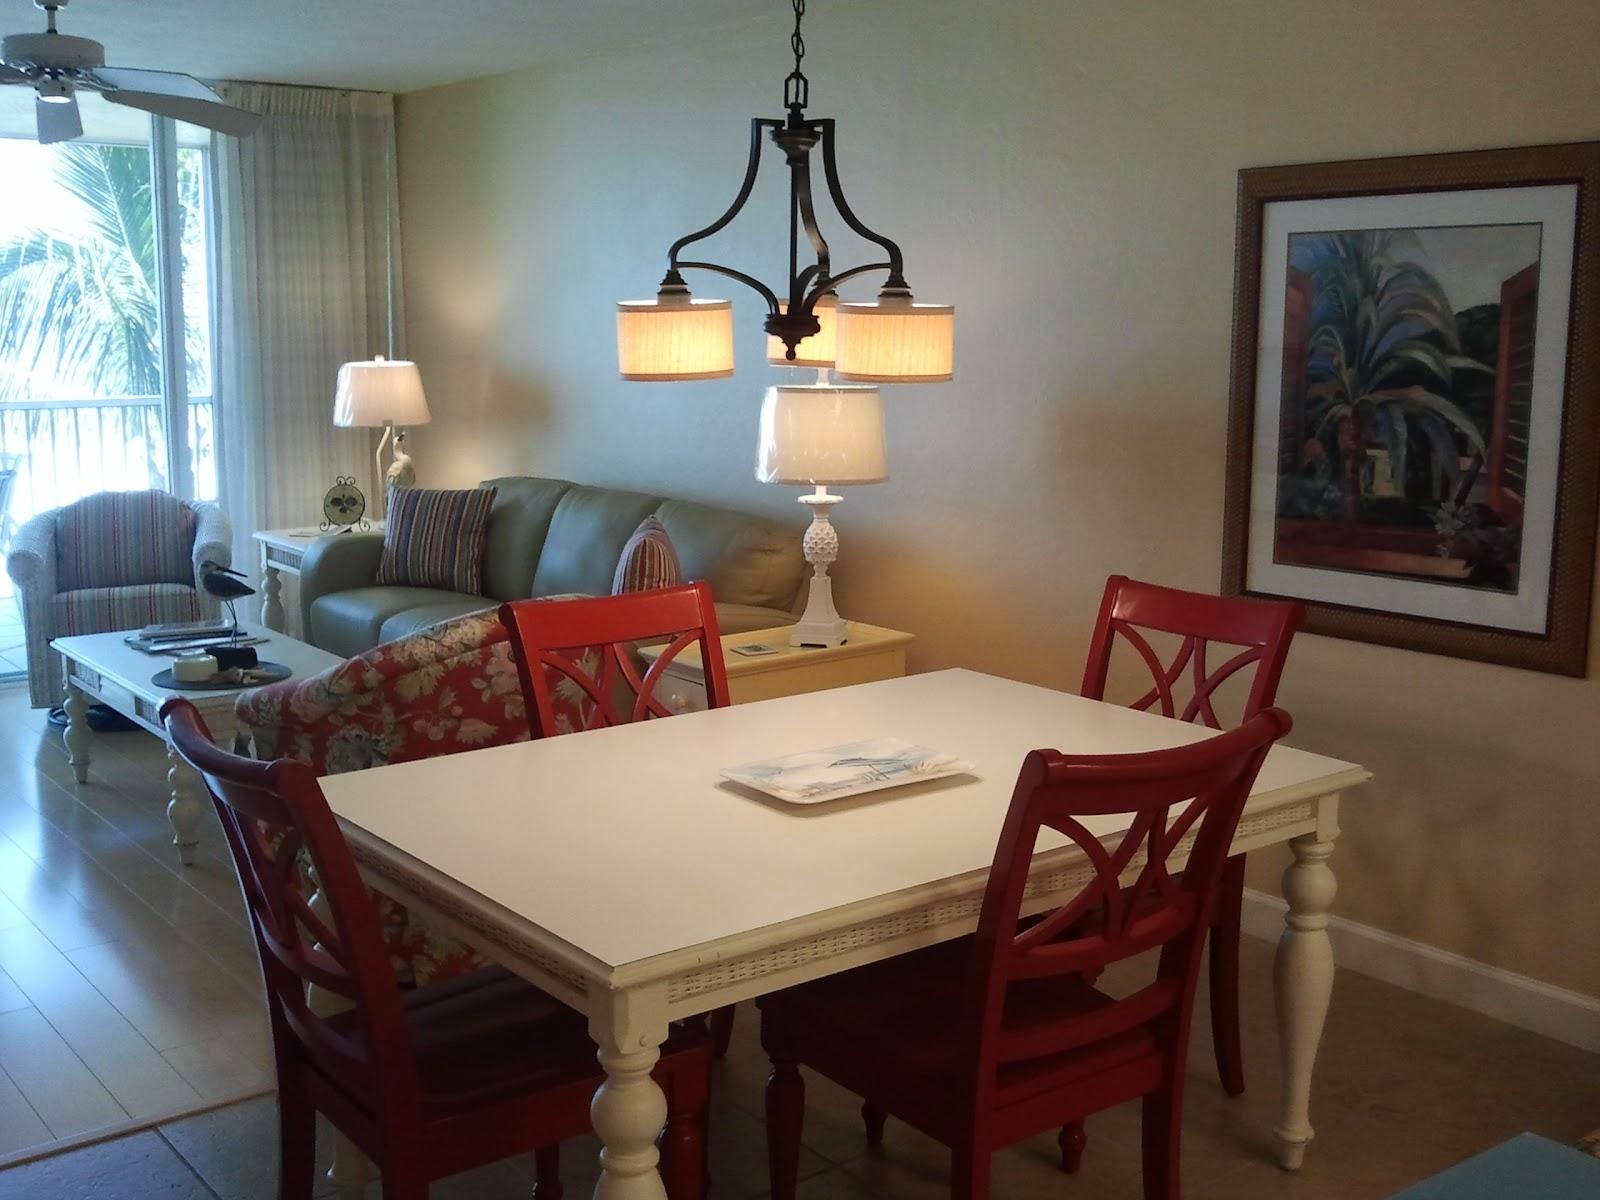 Room Makeover Ideas Beach Condo Home Decor